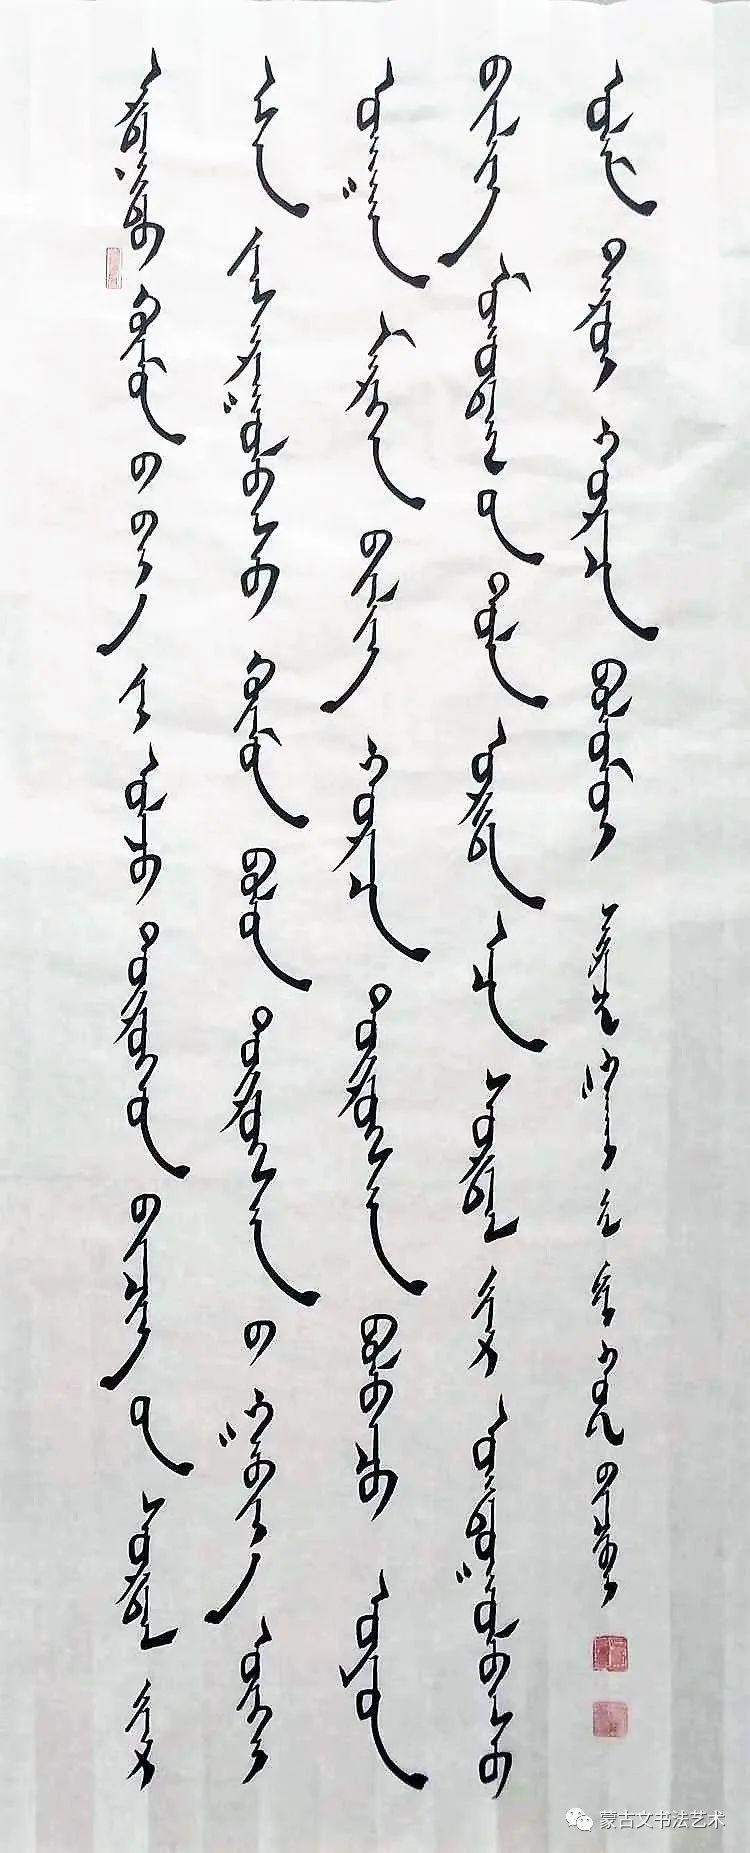 伟花蒙古文书法 第6张